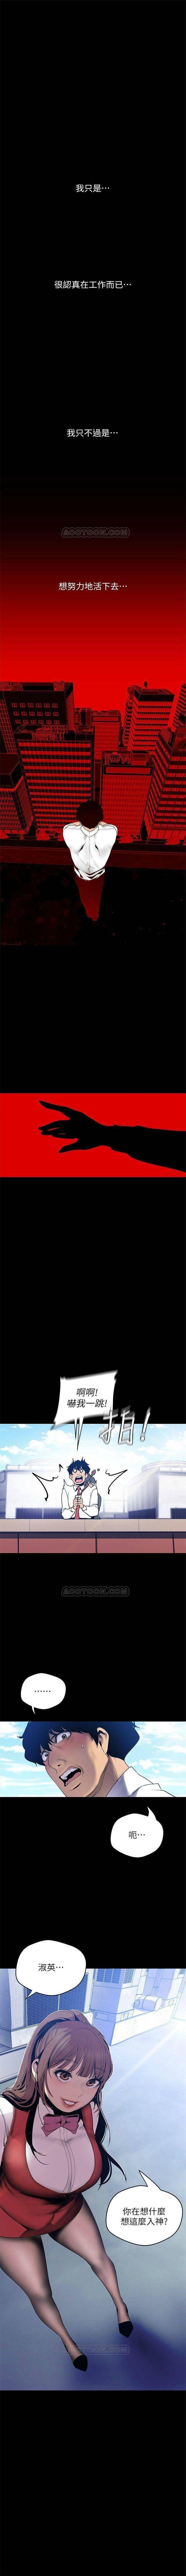 美麗新世界 1-85 官方中文(連載中) 527